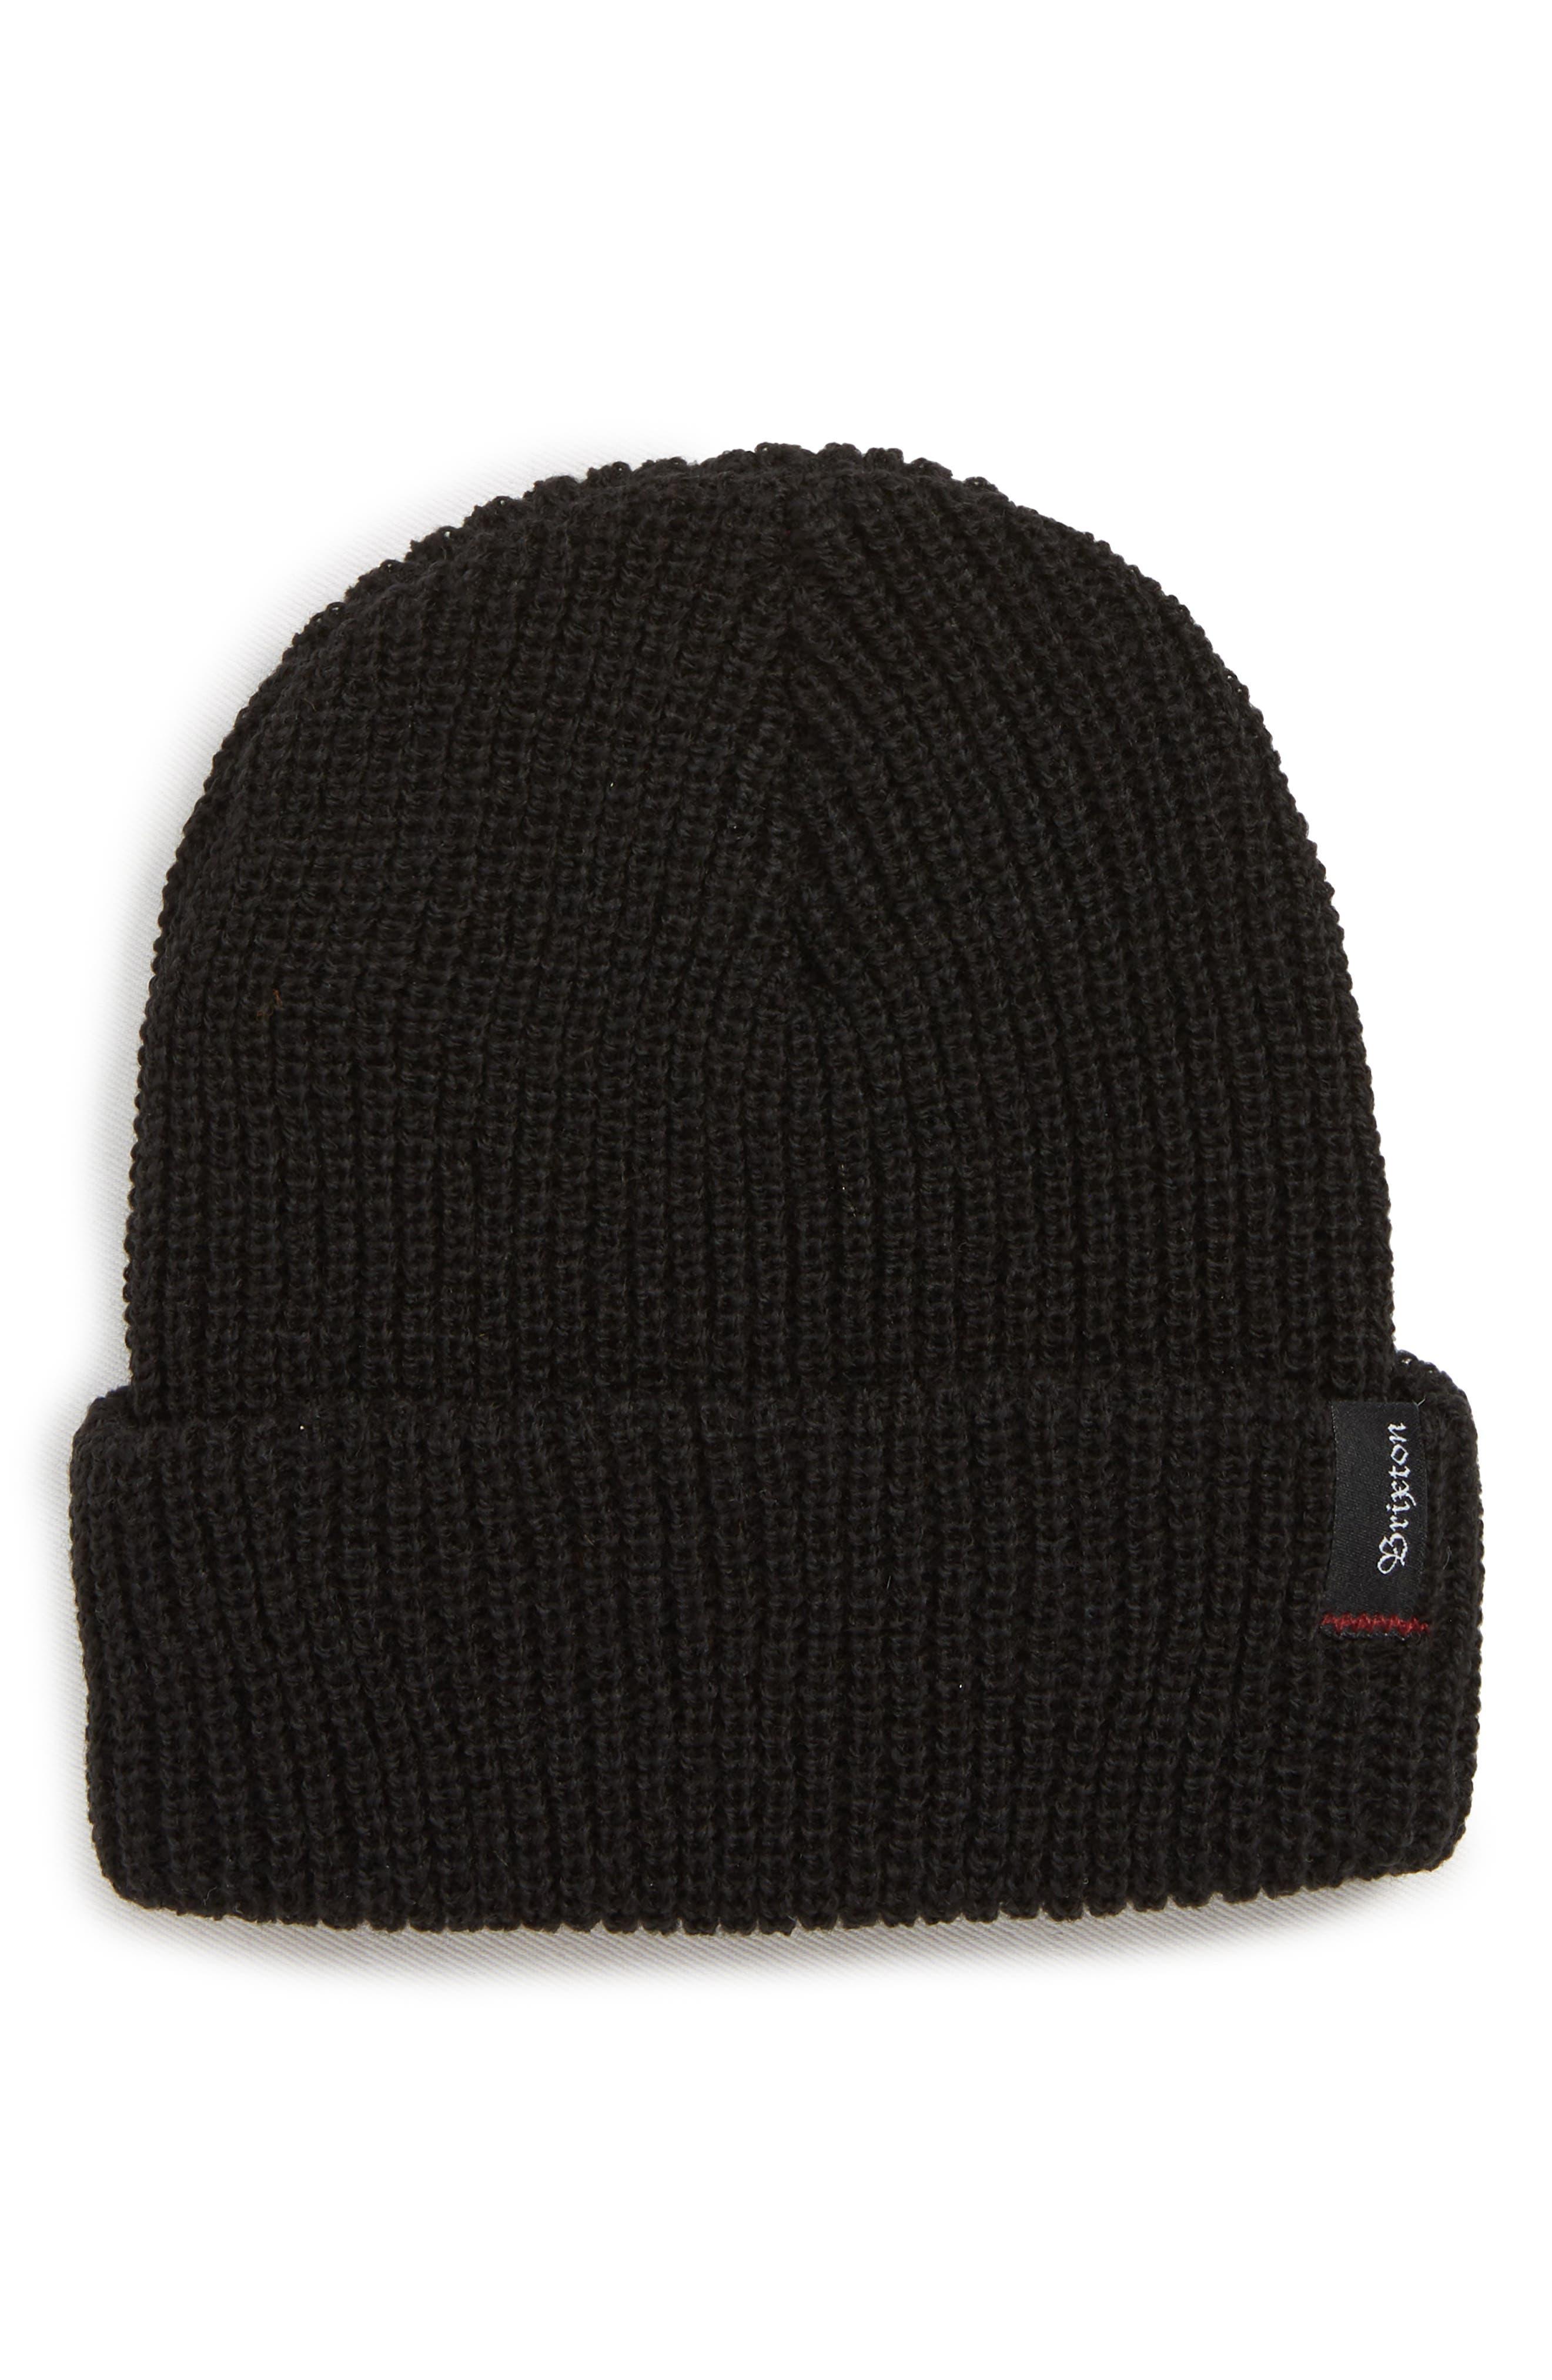 Lil Heist Beanie Hat,                             Main thumbnail 1, color,                             001